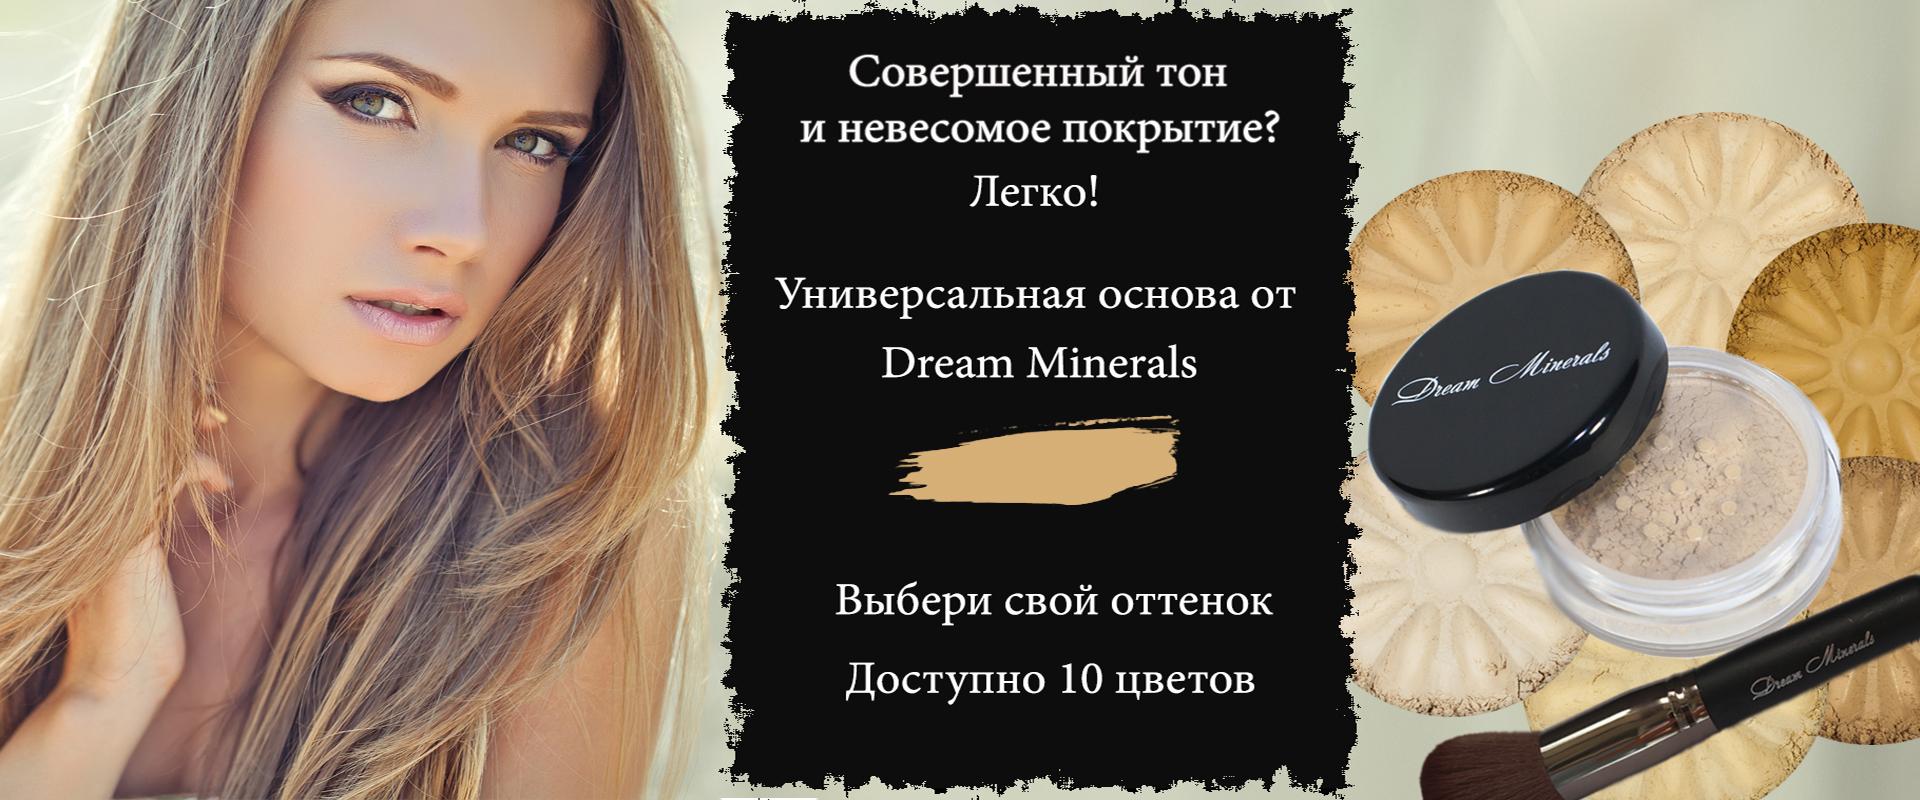 Сбор заказов. Минеральная косметика волшебство на Вашей коже! Огромный ассортимент продукции и кистей напрямую от